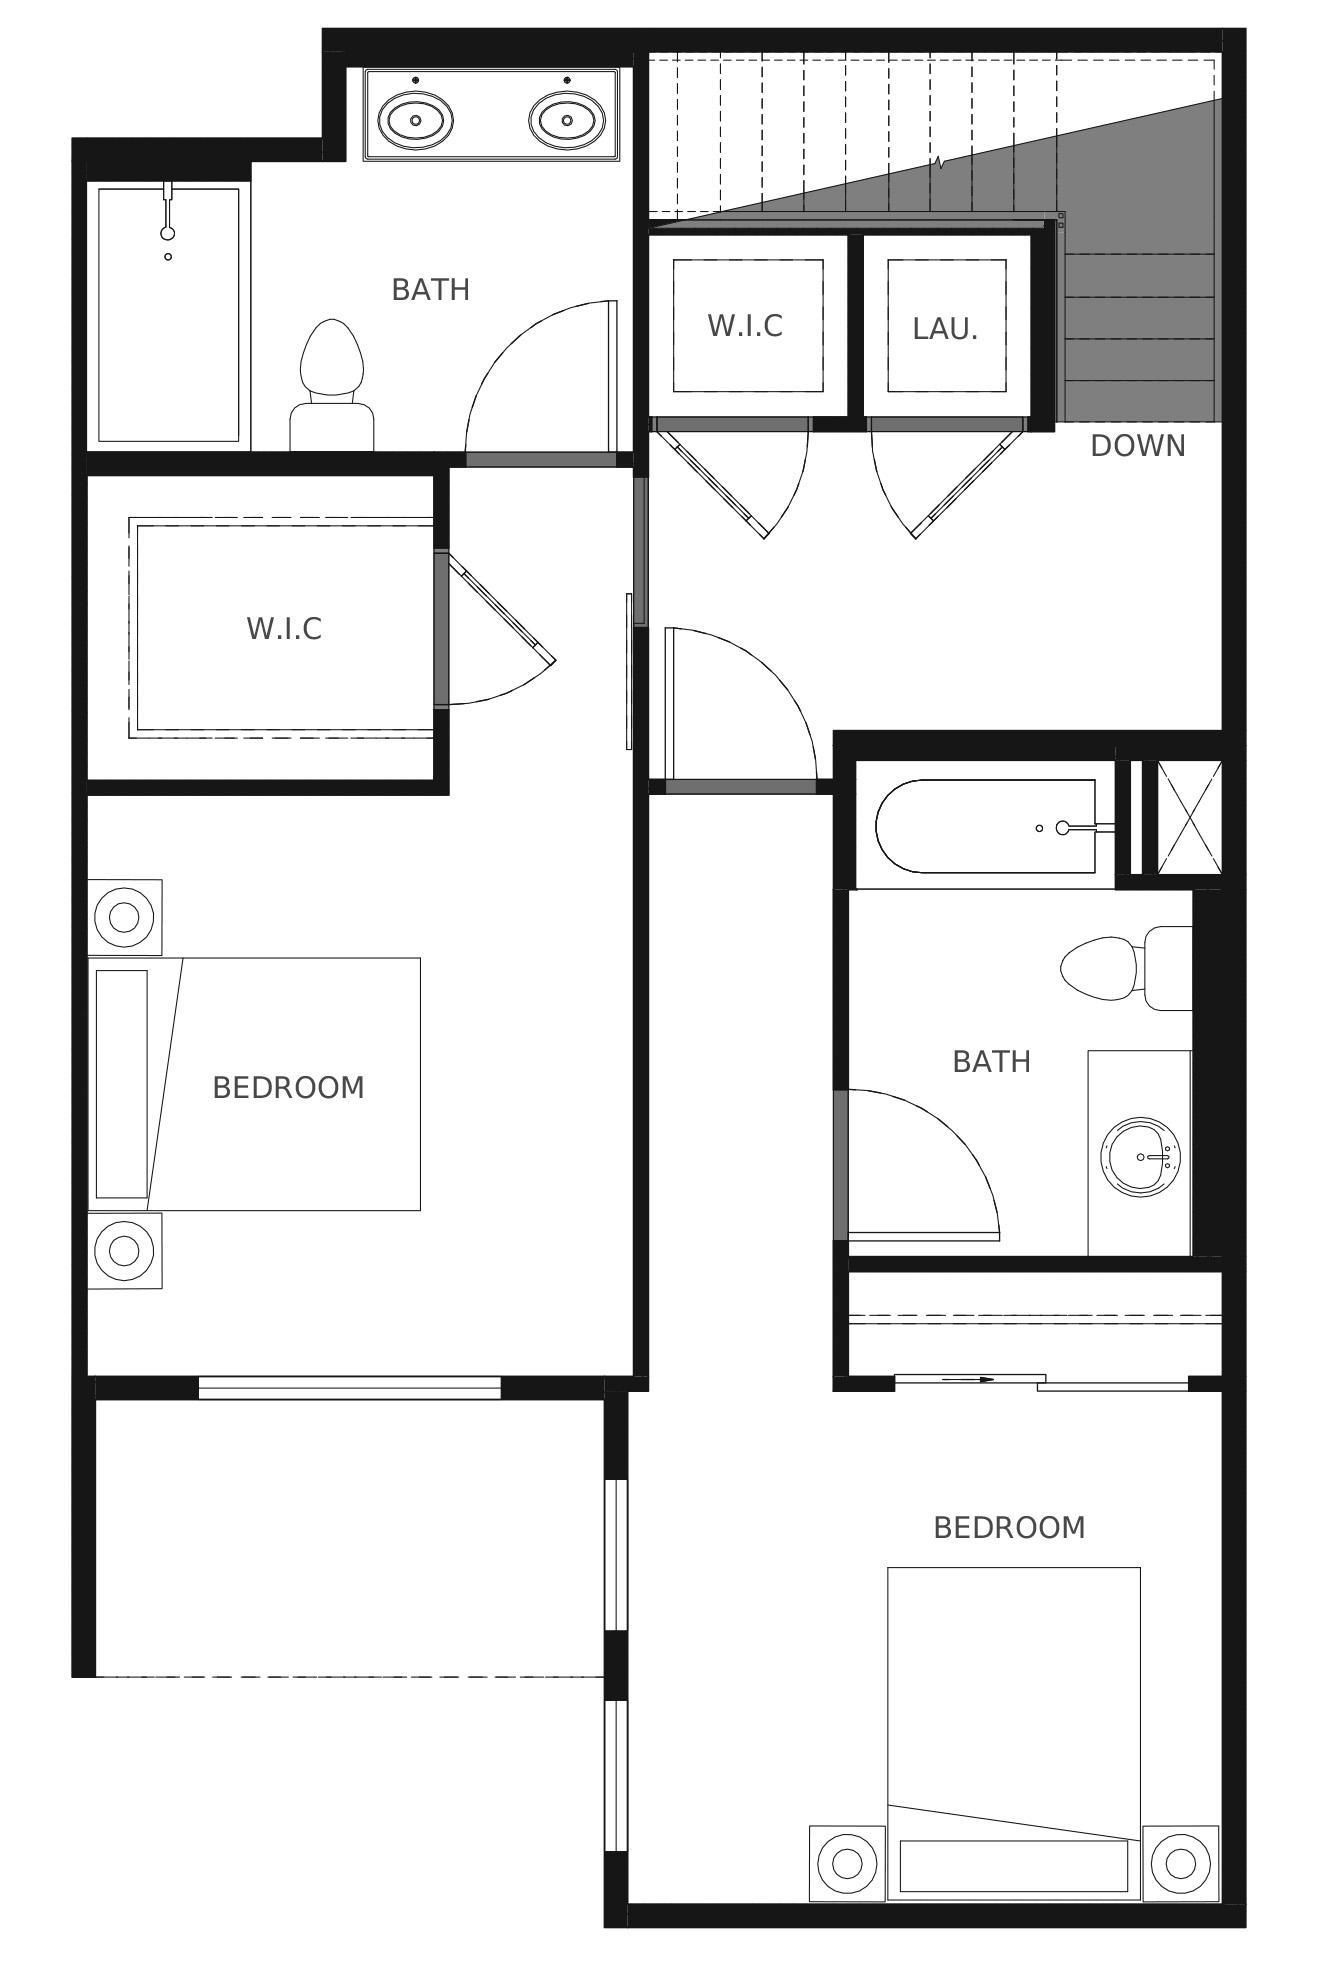 Plan C4 Second Floor - 1,366 sq. ft.